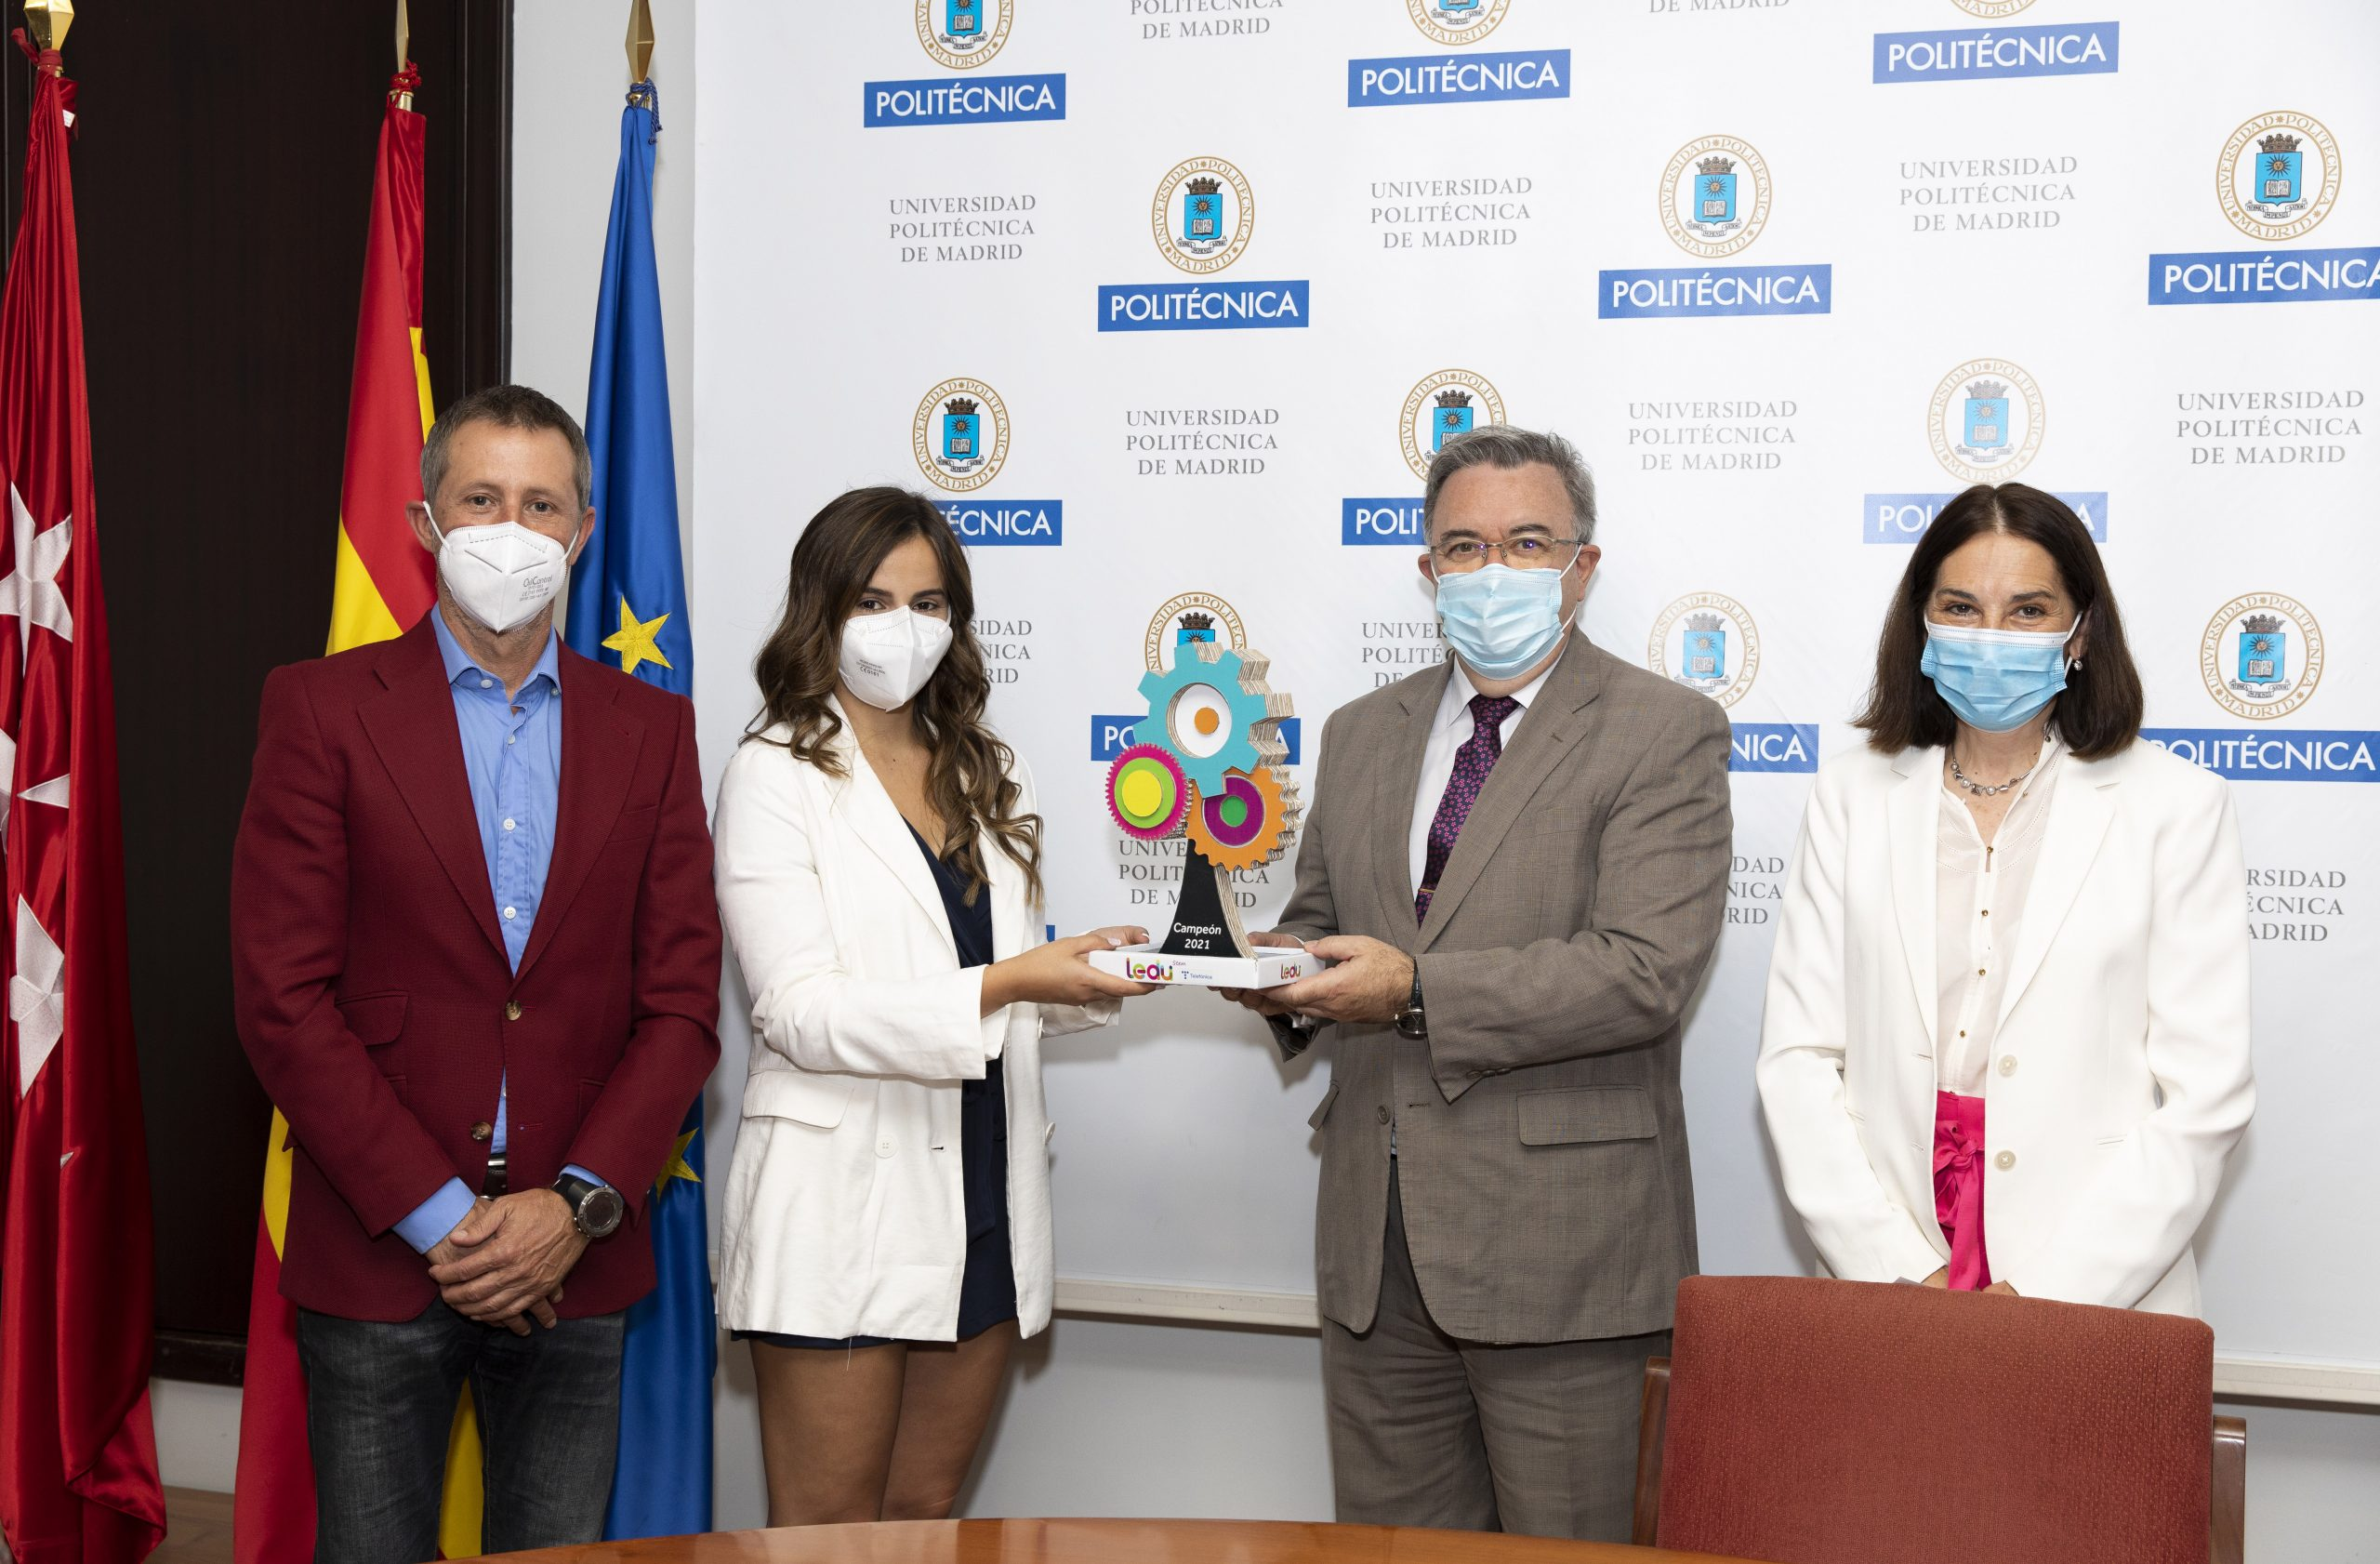 Las ganadoras del Torneo LEDU STEM Cátedras Telefónica reciben su premio